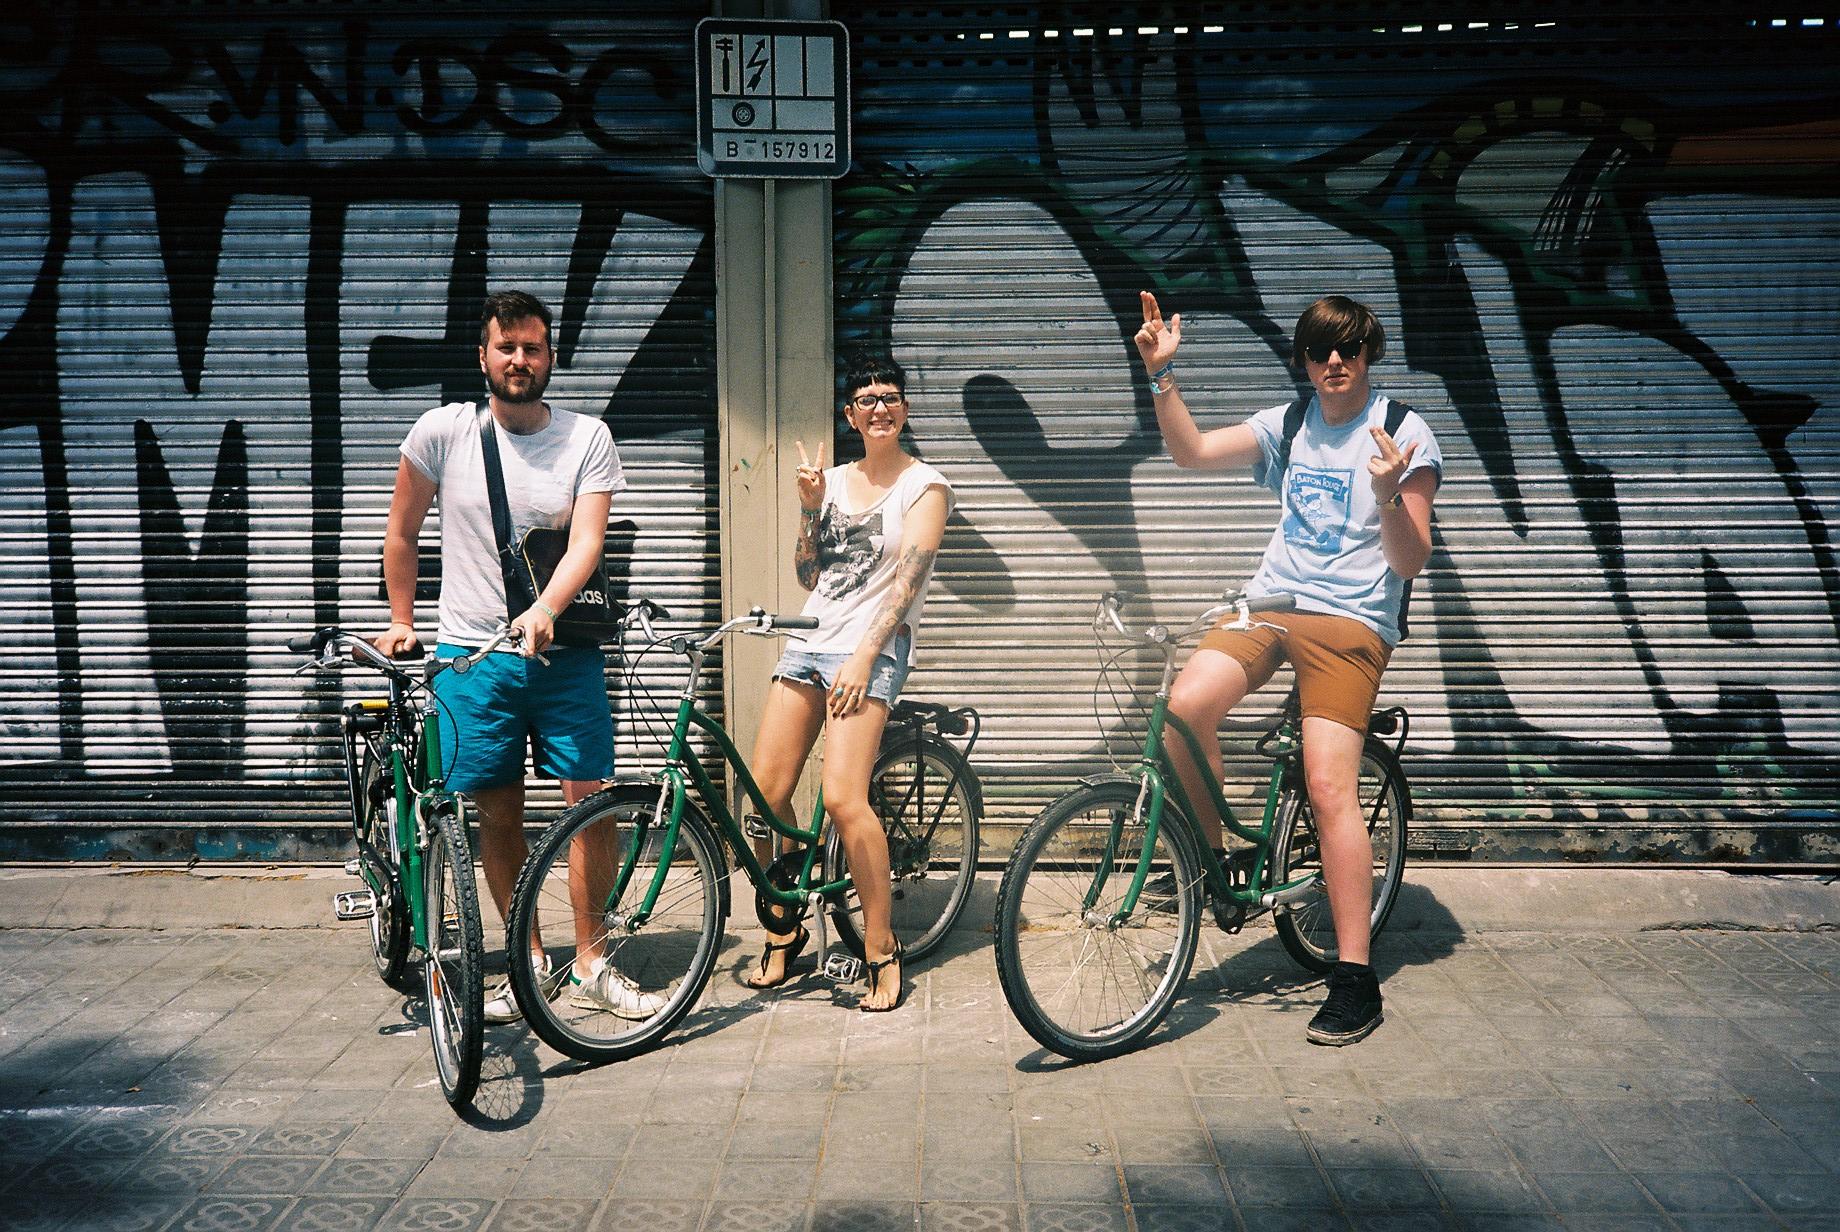 Bike hire.